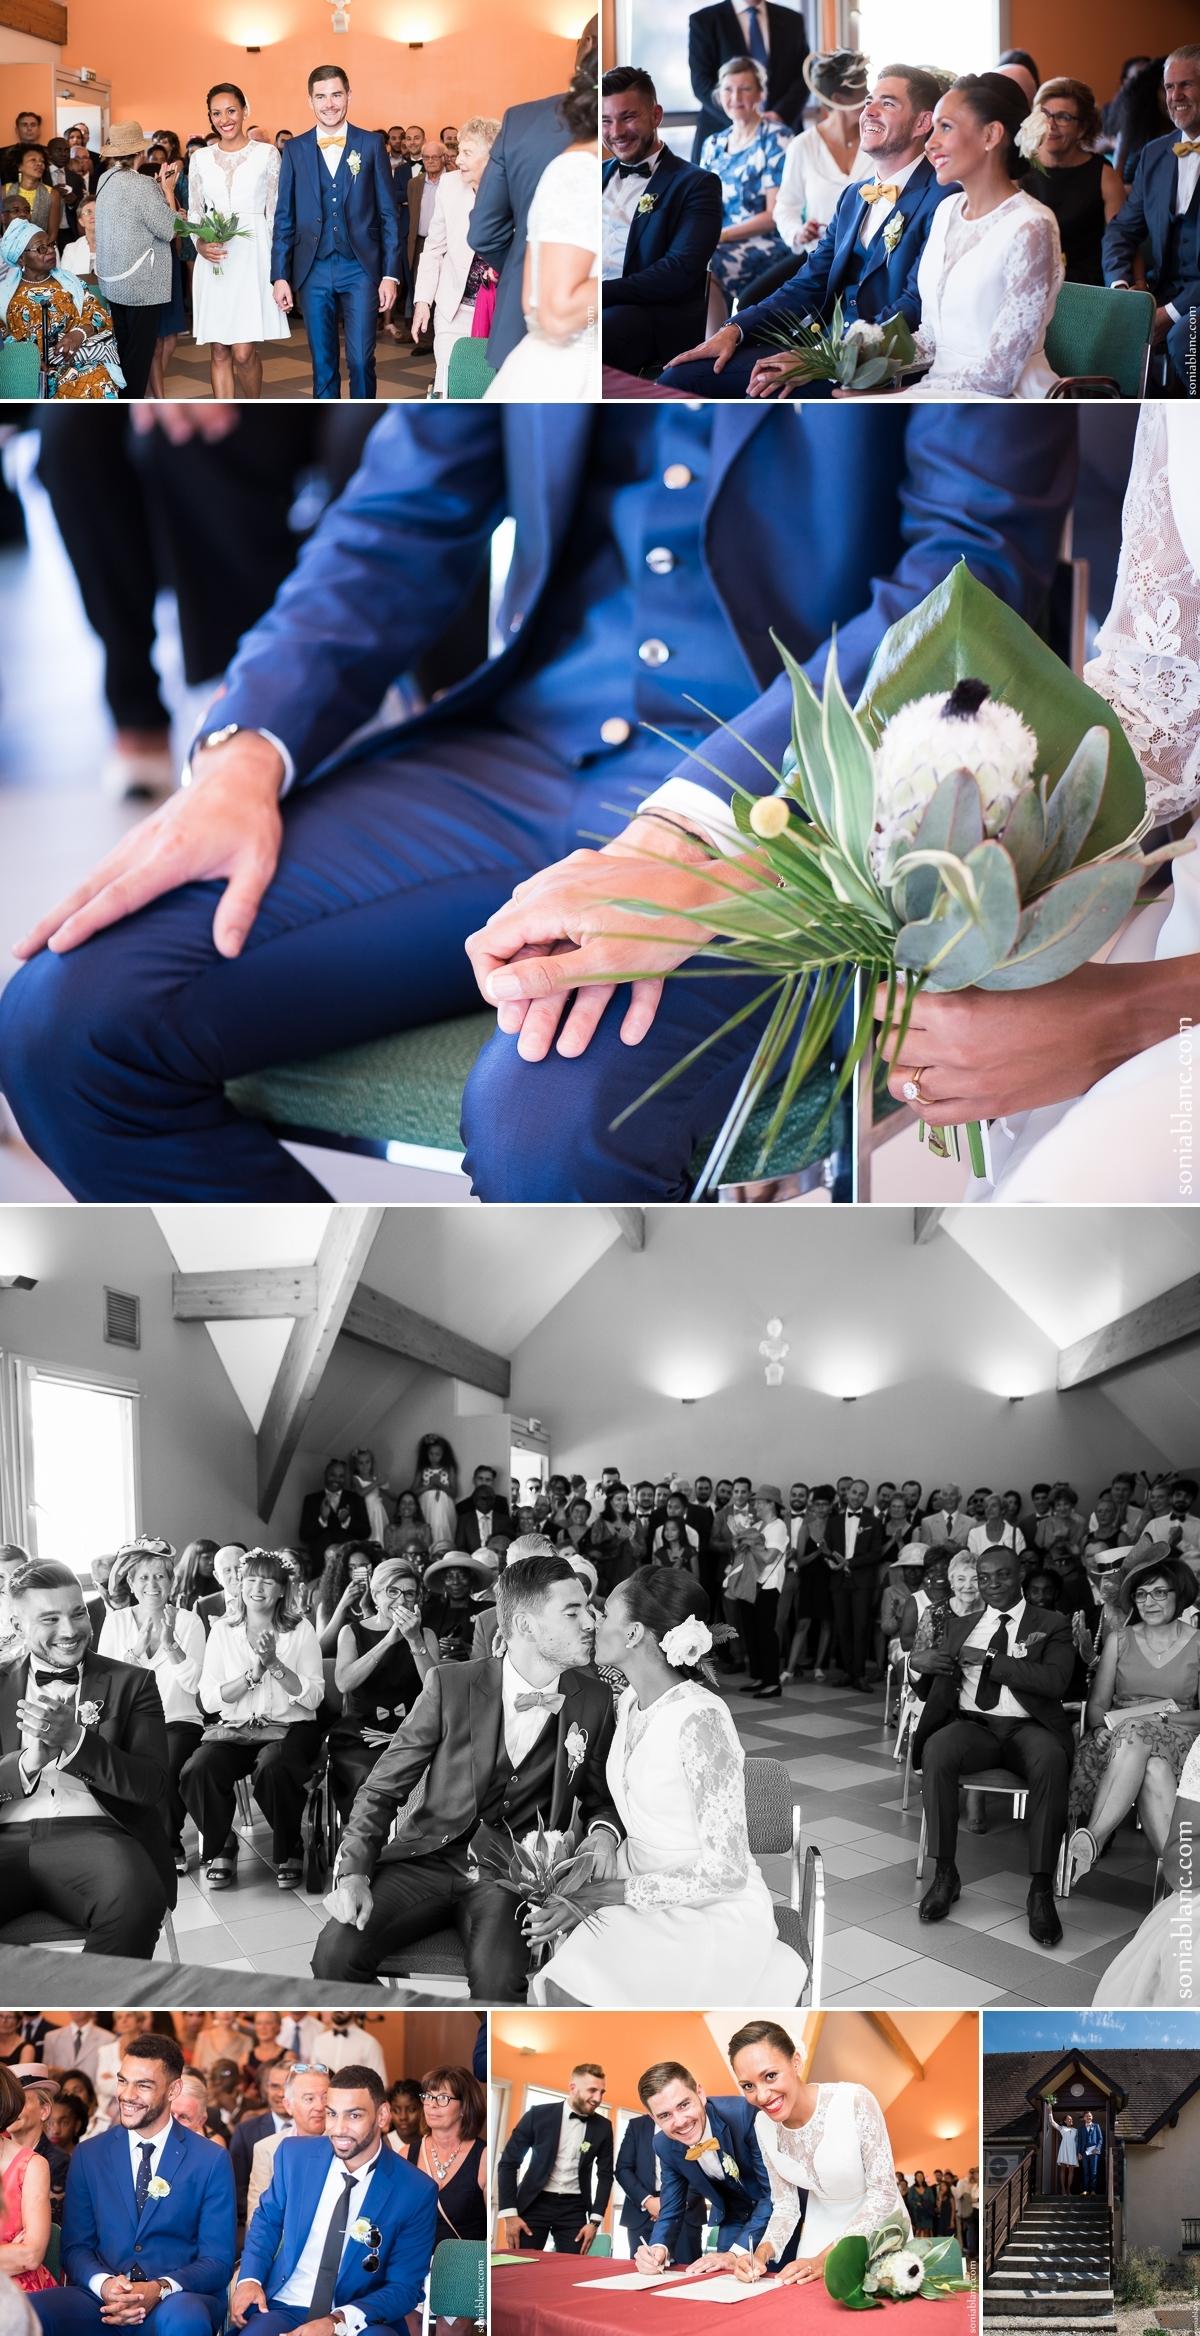 5. mariage à la mairie de chevigny-saint-sauveur - bourgogne